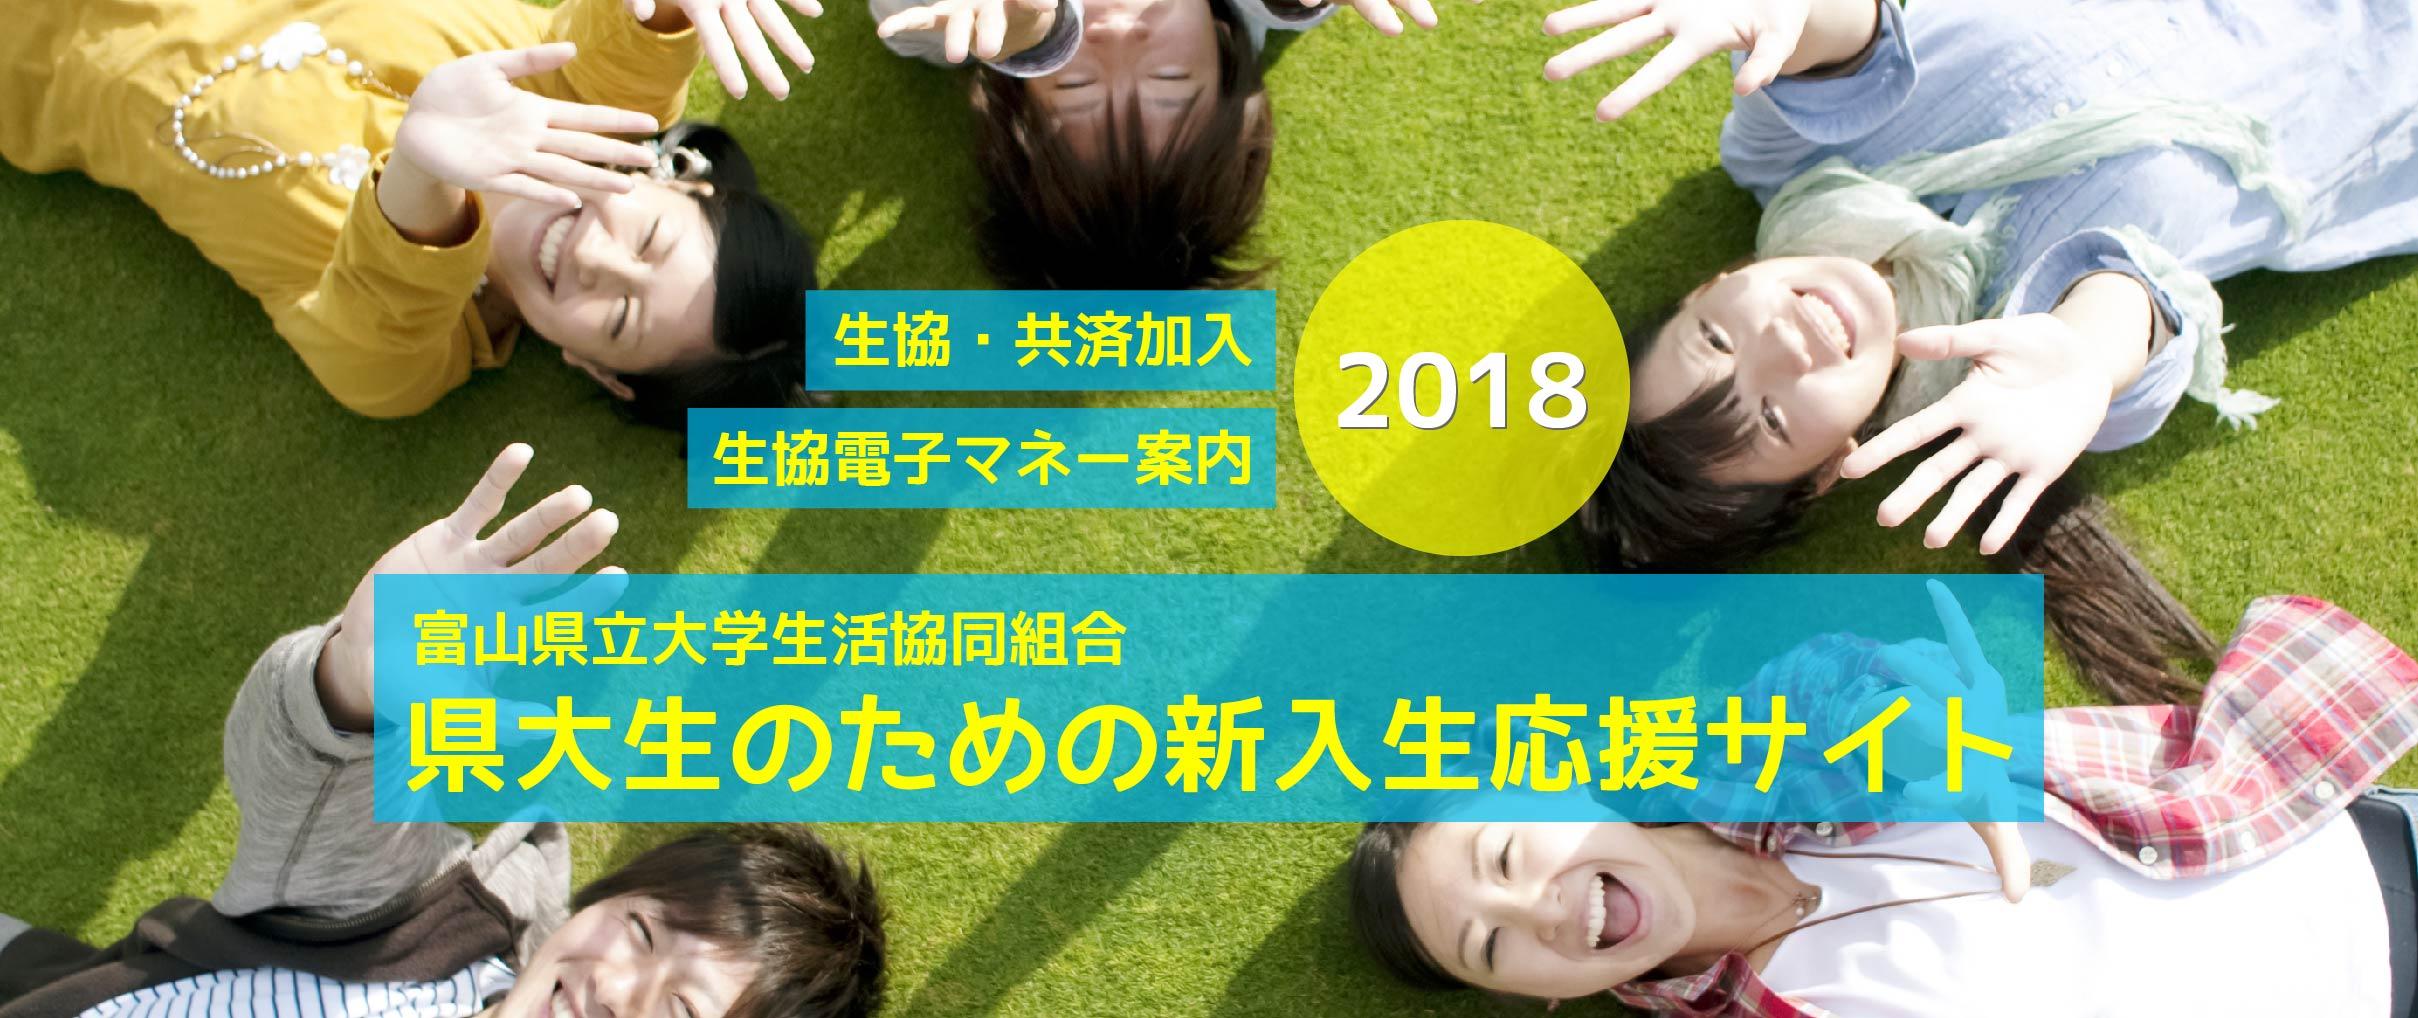 新入生応援サイト